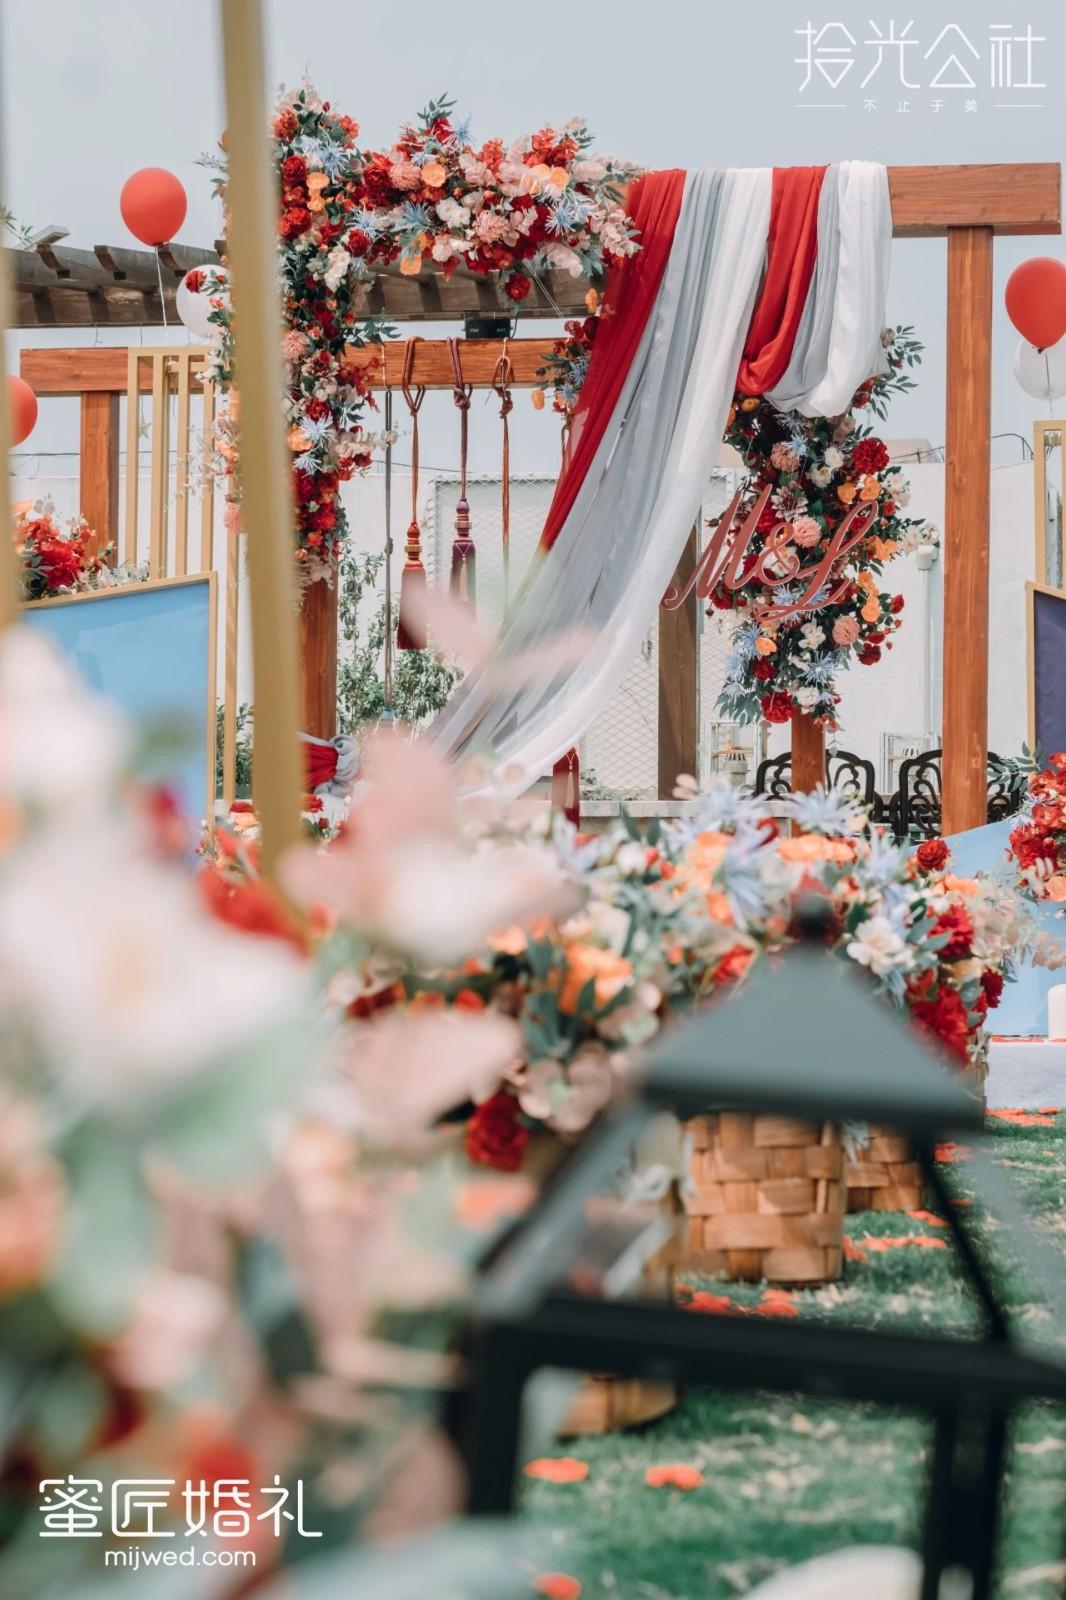 户外婚礼有哪些注意事项 户外婚礼注意事项